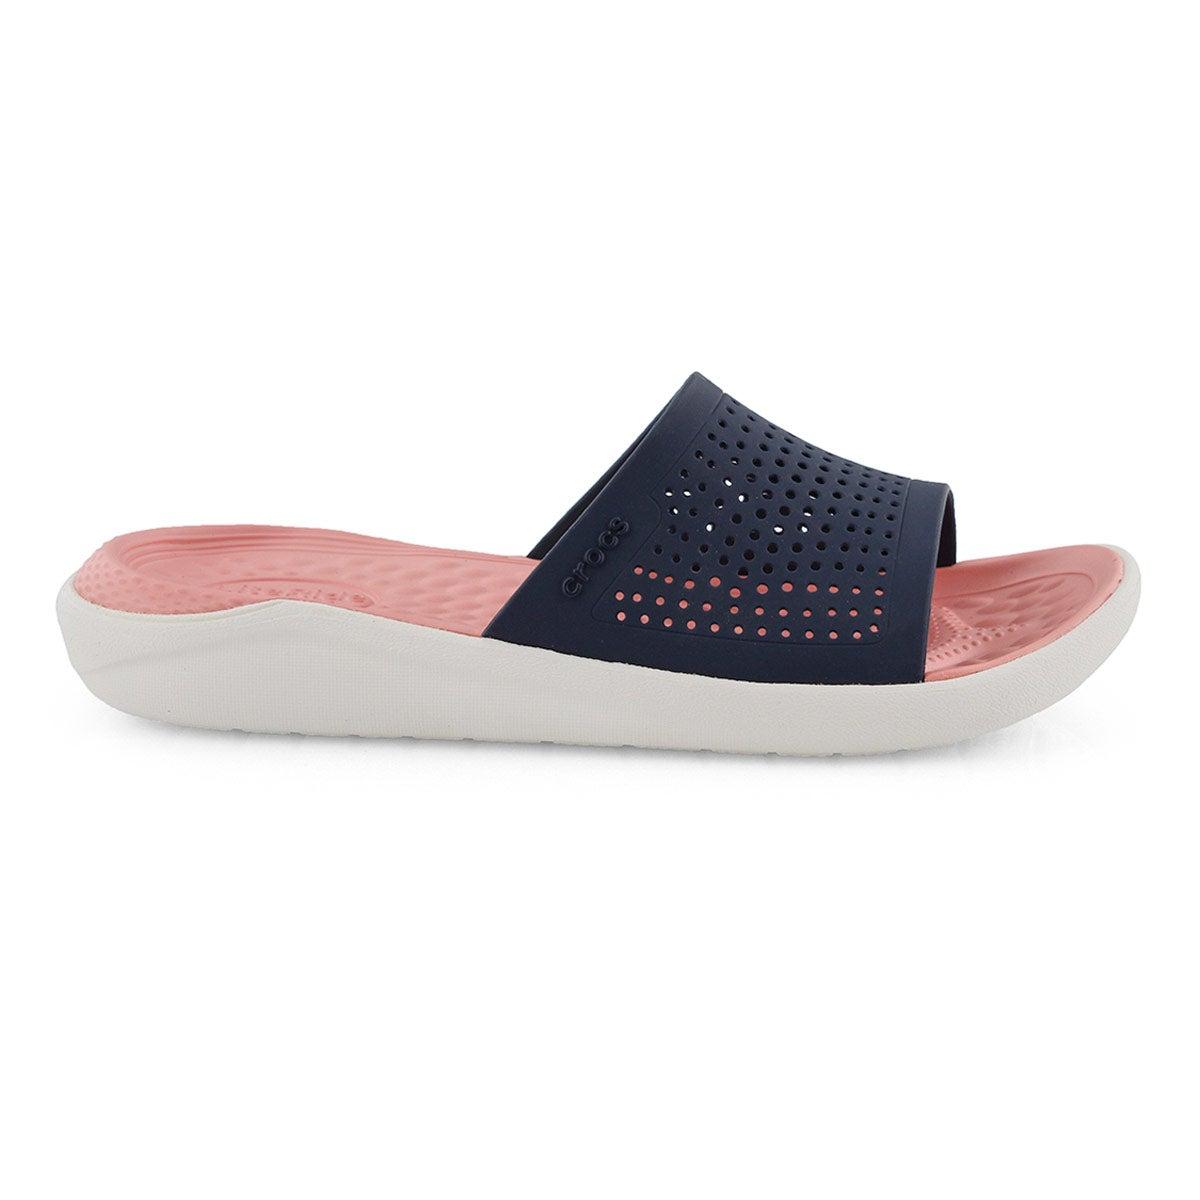 Lds LiteRide navy/melon slide sandal